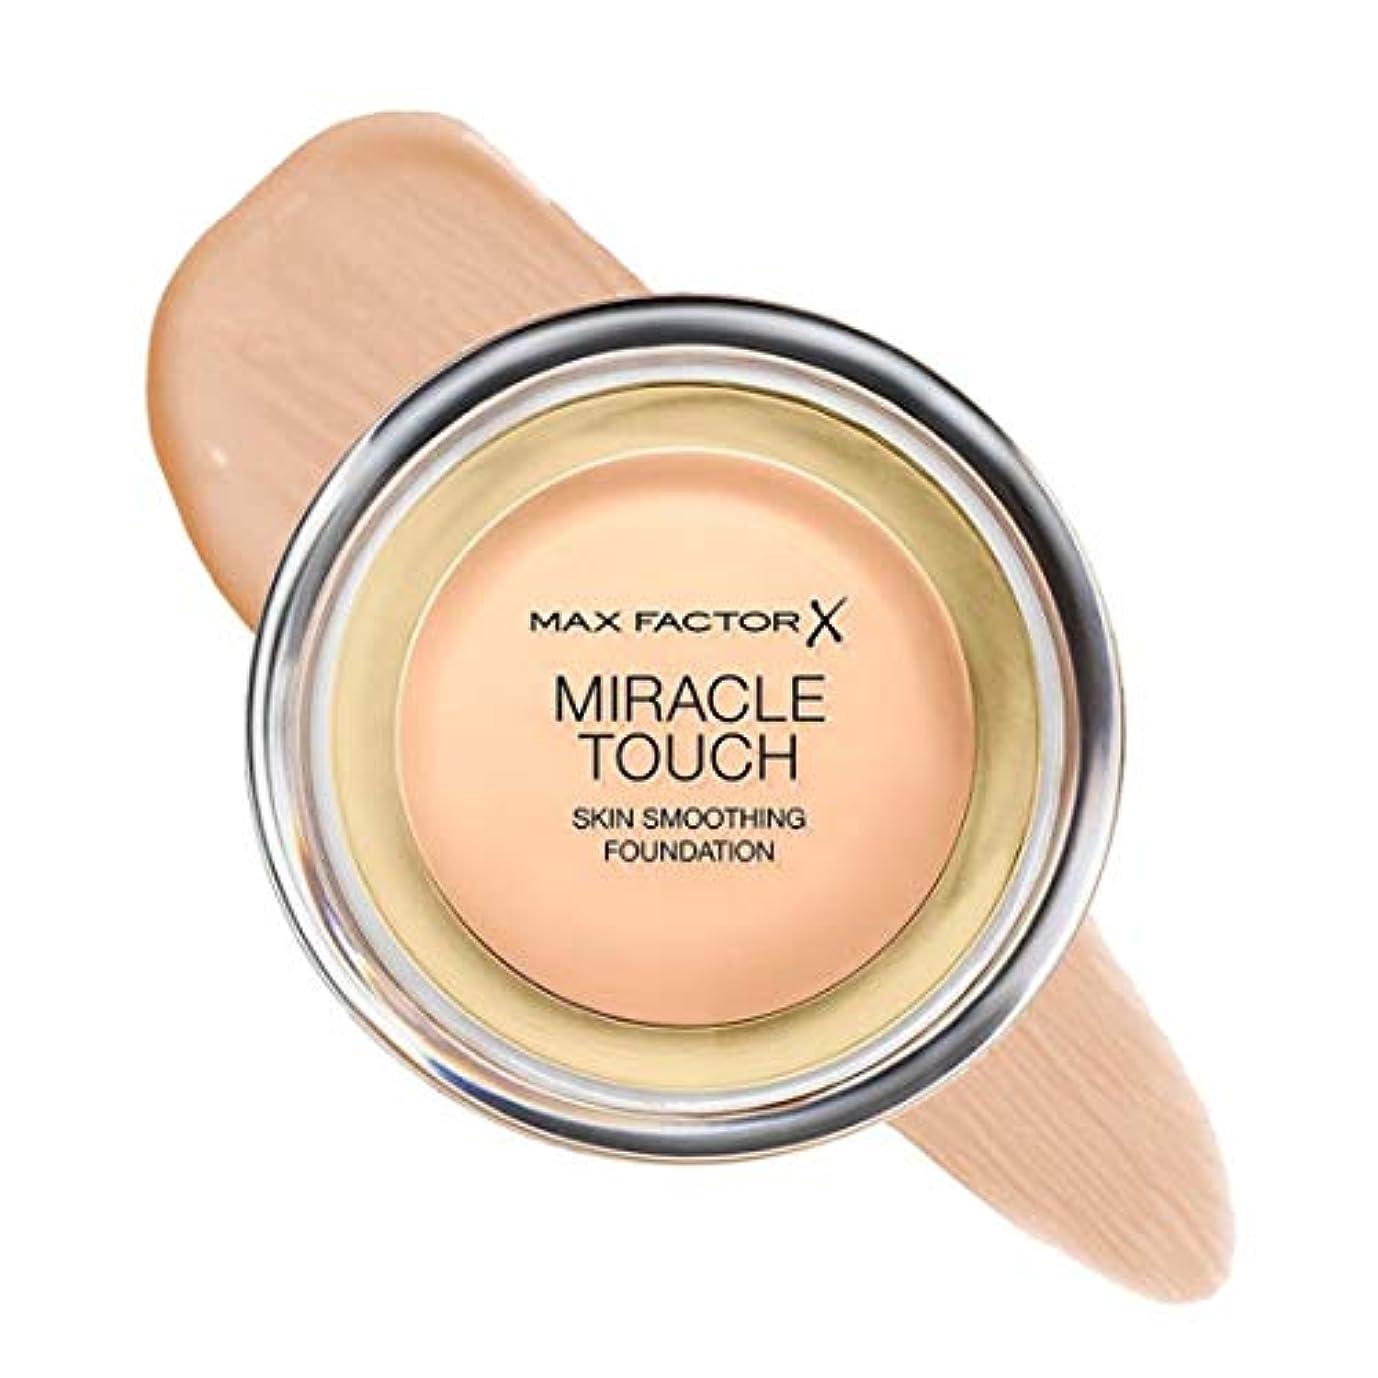 事ストライプ目の前のマックス ファクター ミラクル タッチ スキン スムーズ ファウンデーション - ナチュラル Max Factor Miracle Touch Skin Smoothing Foundation - Natural 070...